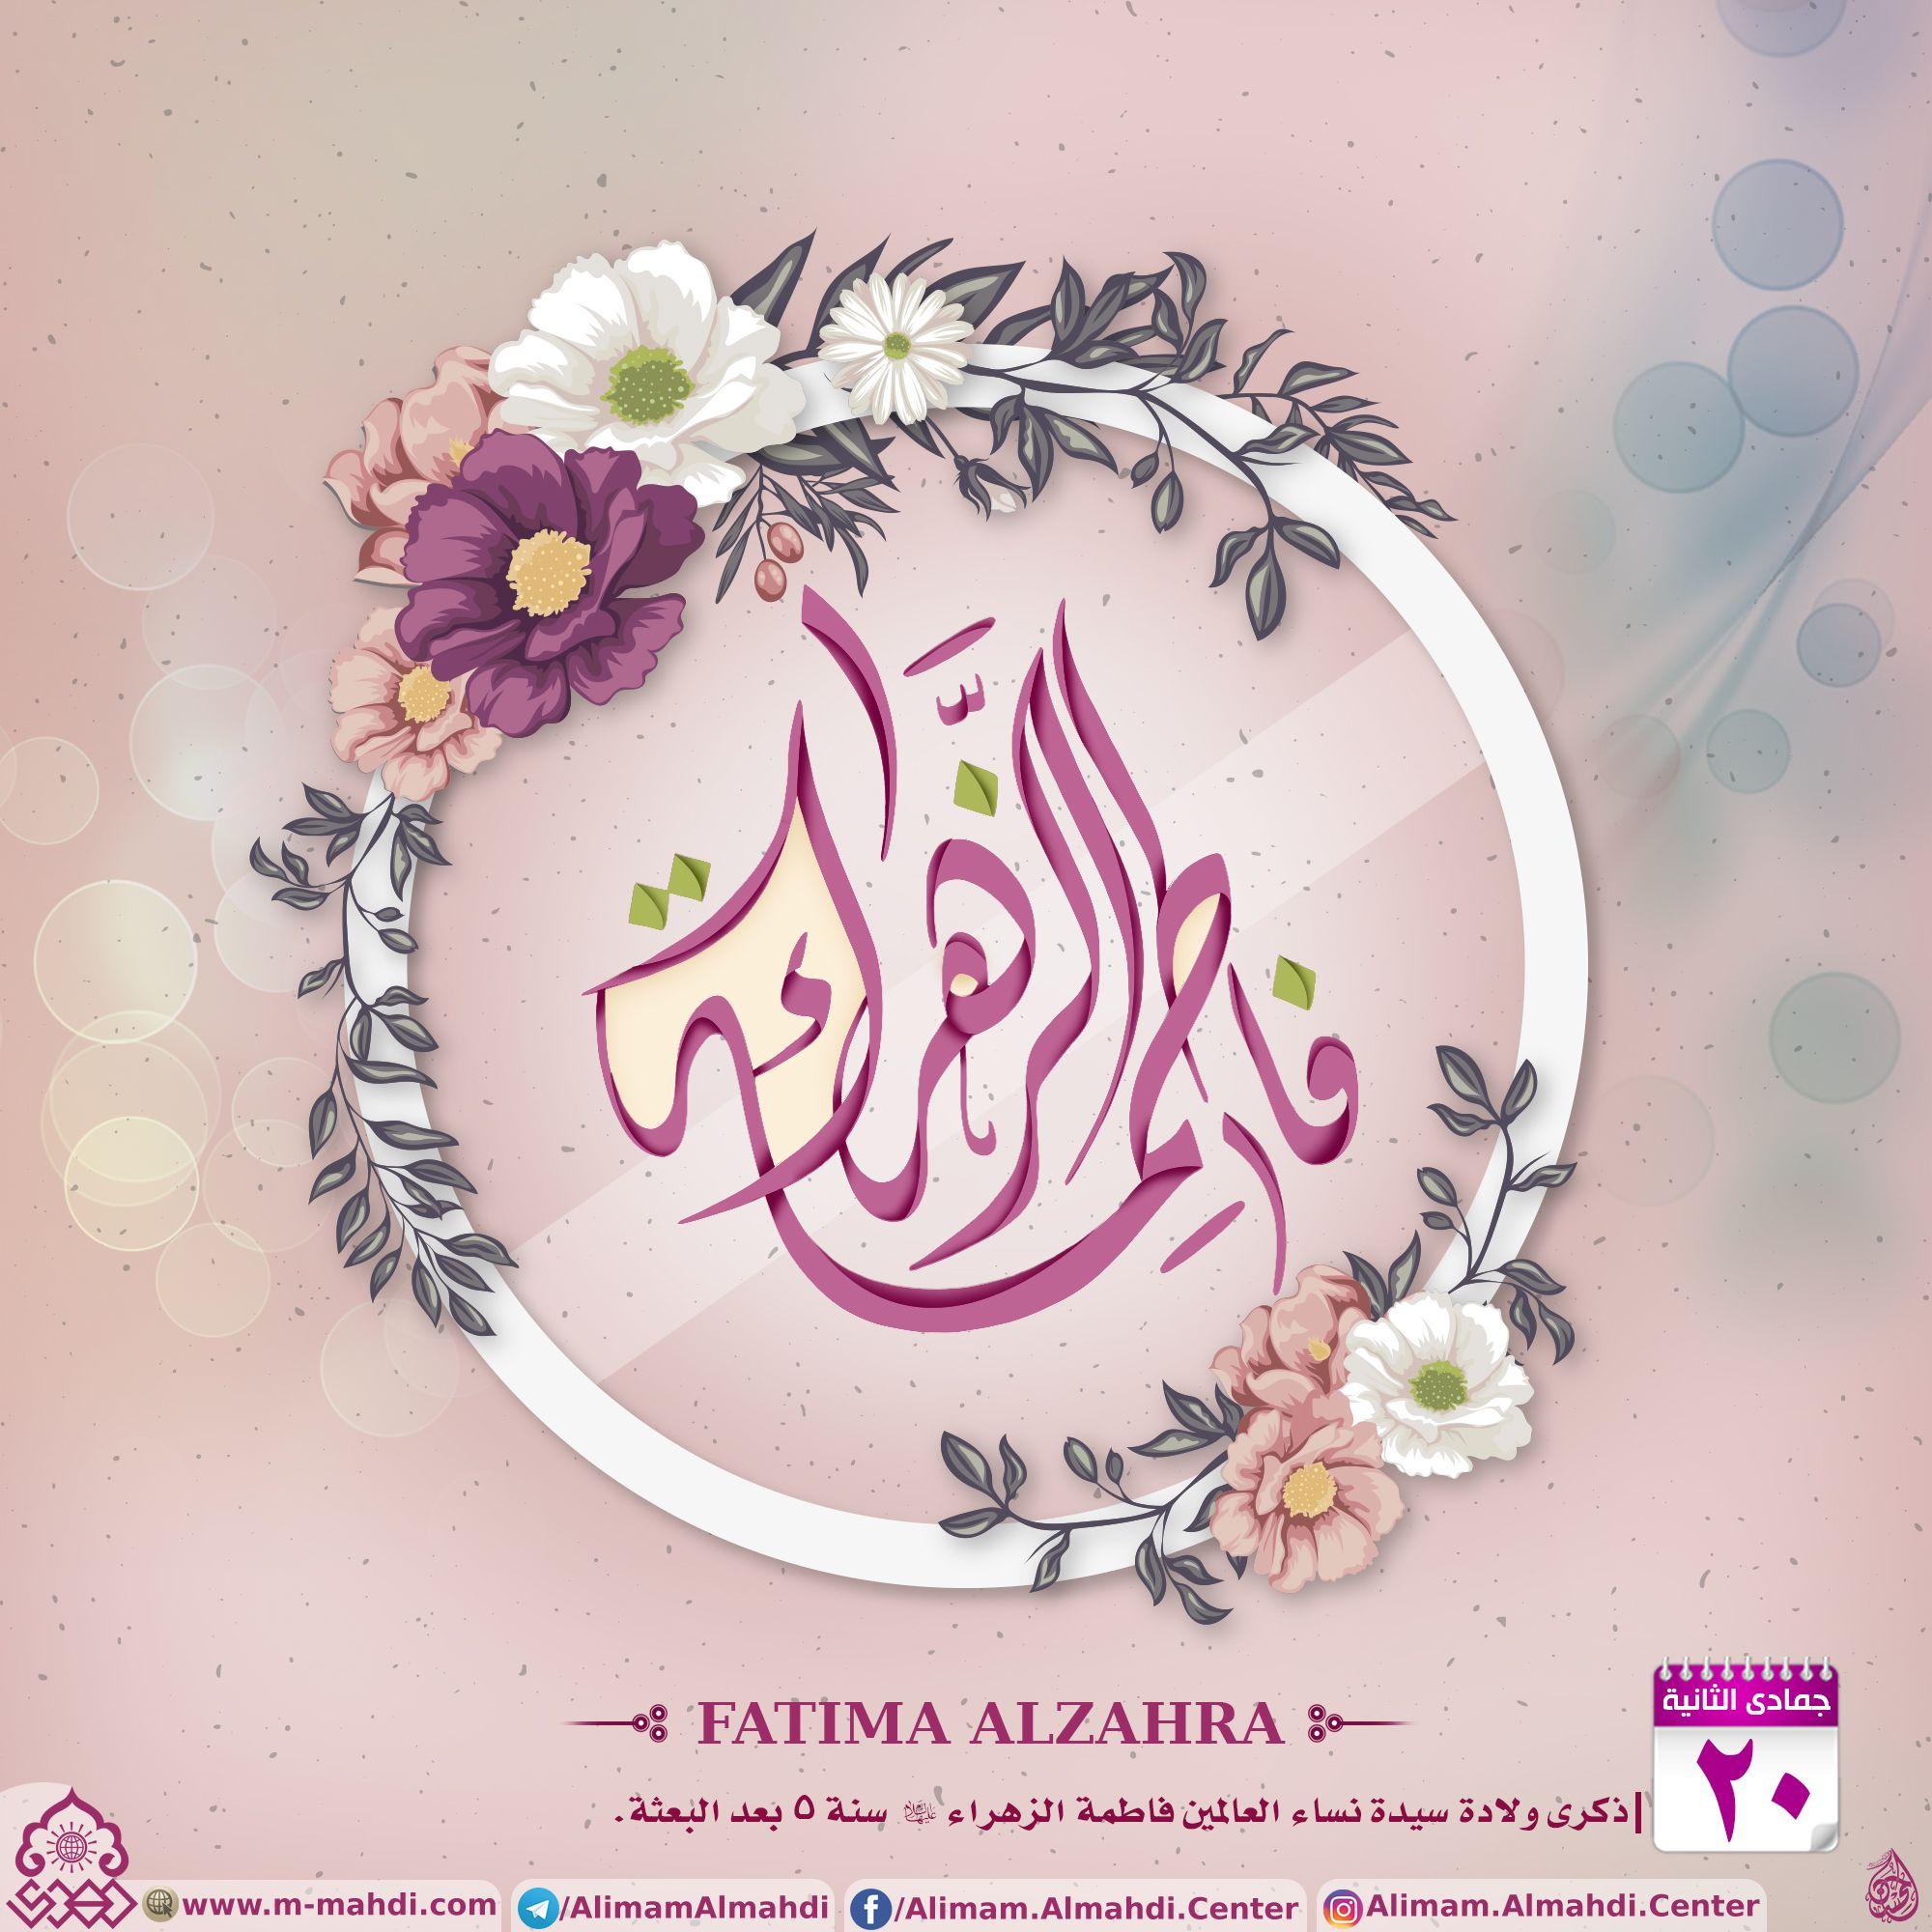 ذكرى ولادة السيدة فاطمة الزهراء عليها السلام Islamic Pictures Seasons Worksheets Calligraphy Art